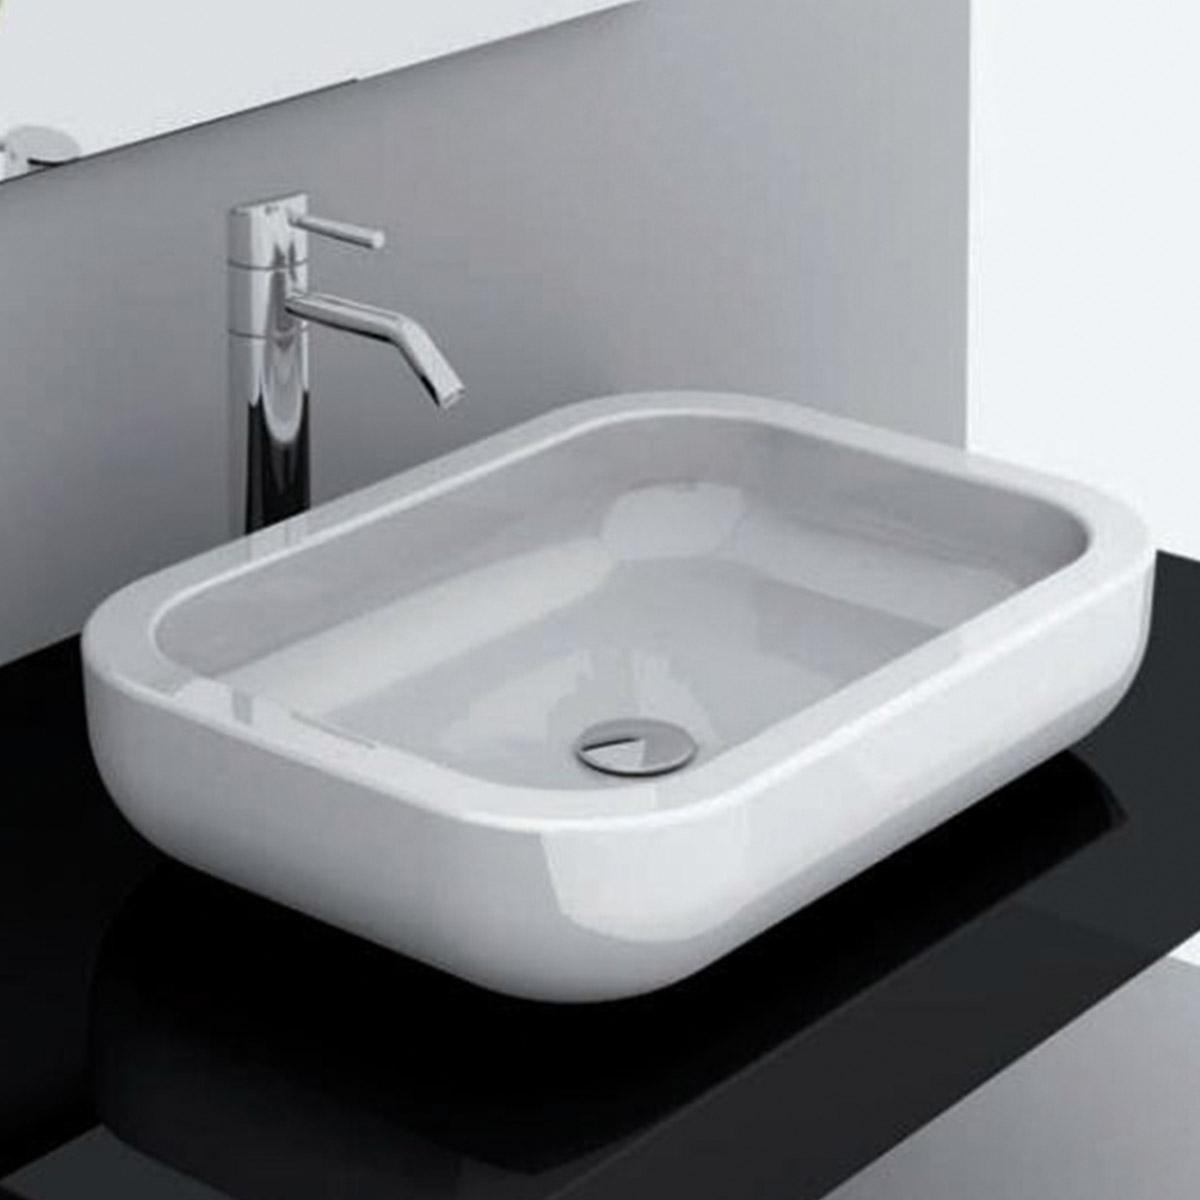 Consolle da appoggio 60 cm qubo for Consolle per lavabo da appoggio